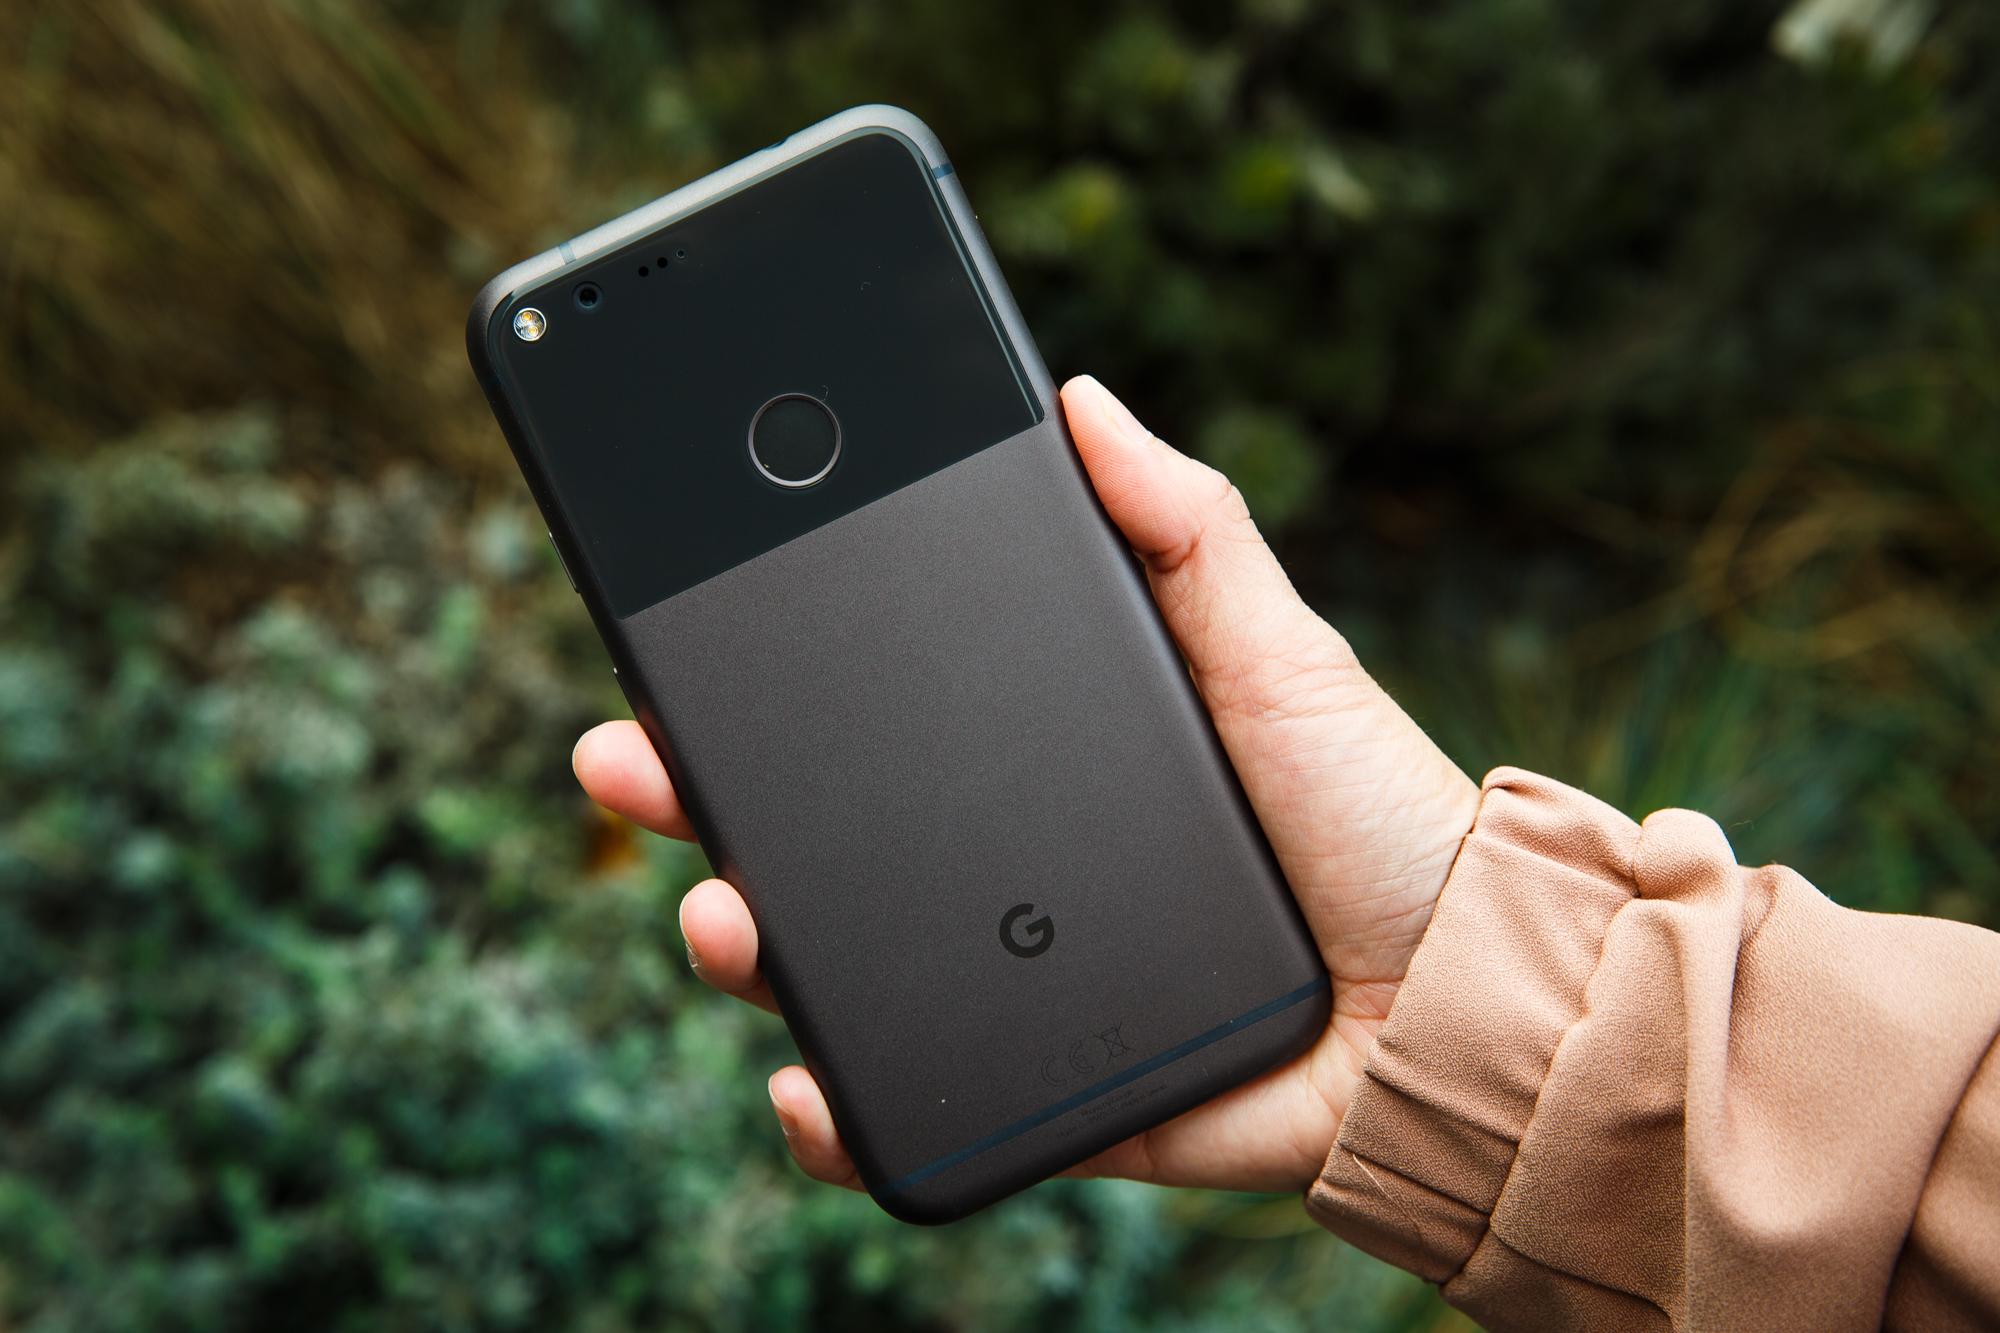 google-pixel-xl-9171-018.jpg